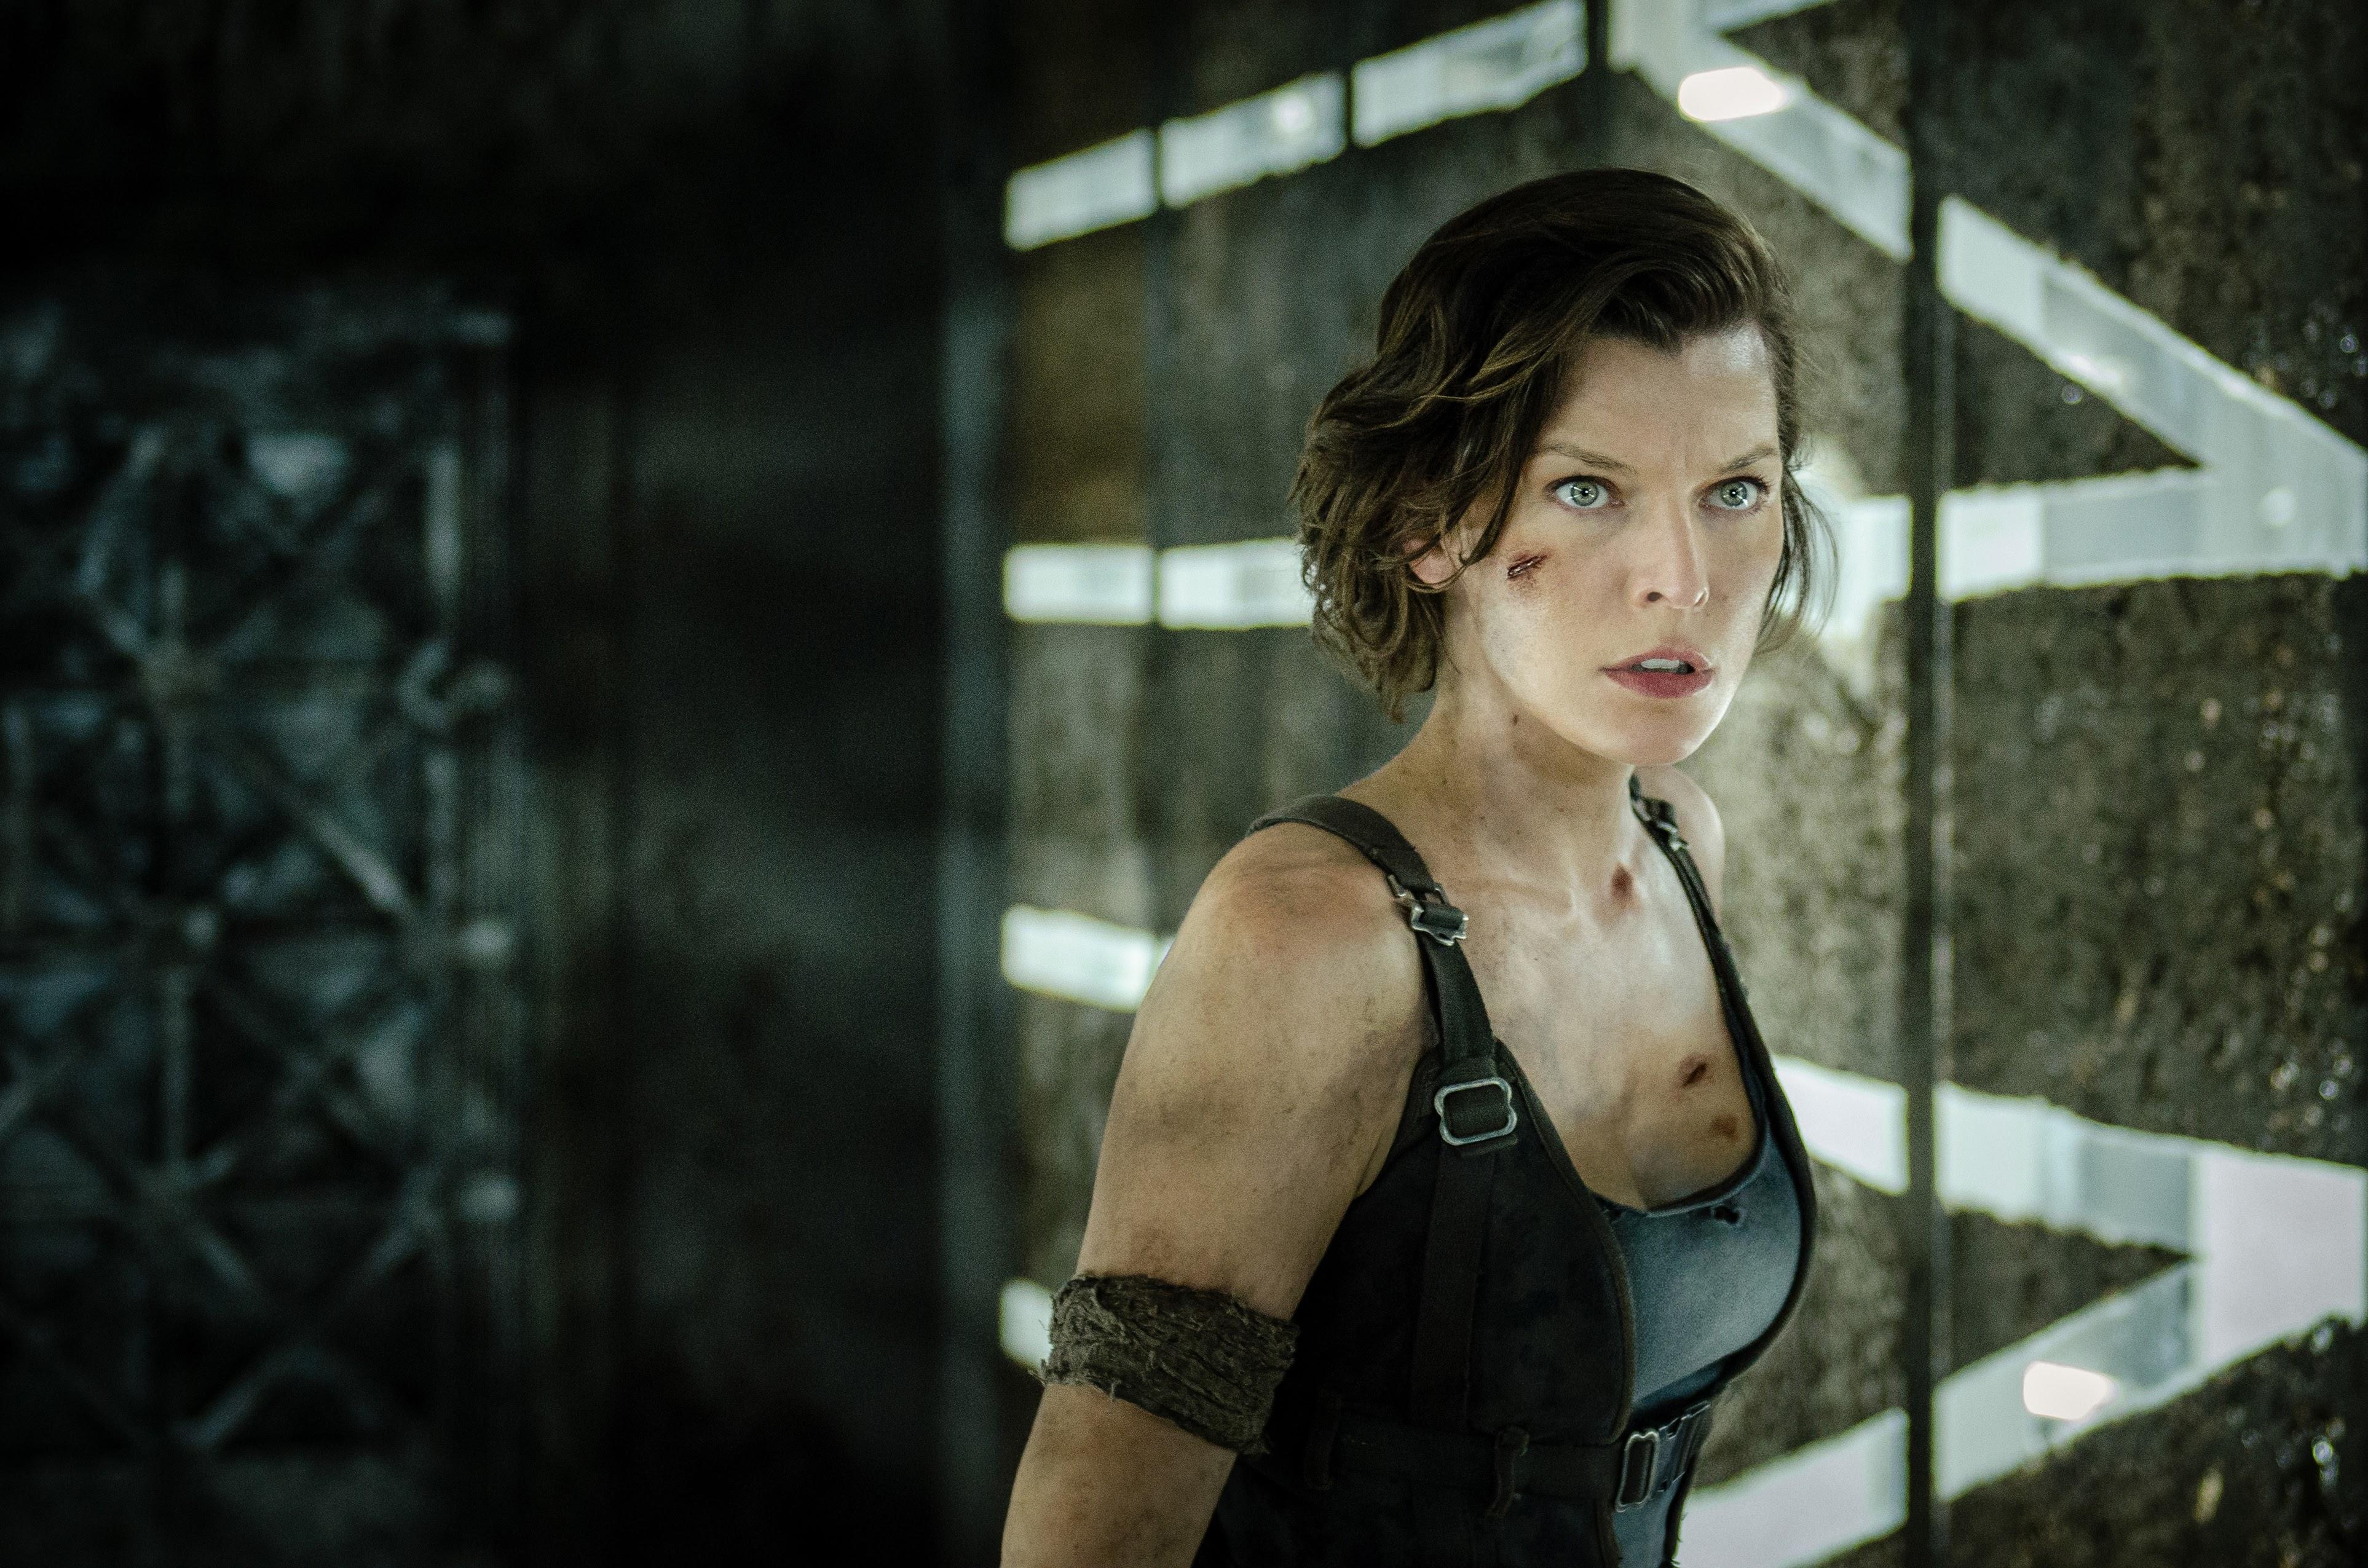 Resident Evil : ミラ・ジョヴォヴィッチ主演の人気作「バイオハザード」シリーズをリブートする新監督が、「アクアマン」のジェームズ・ワン監督じゃなかったことで、ファンがガッカリの人選が伝えられた ! !